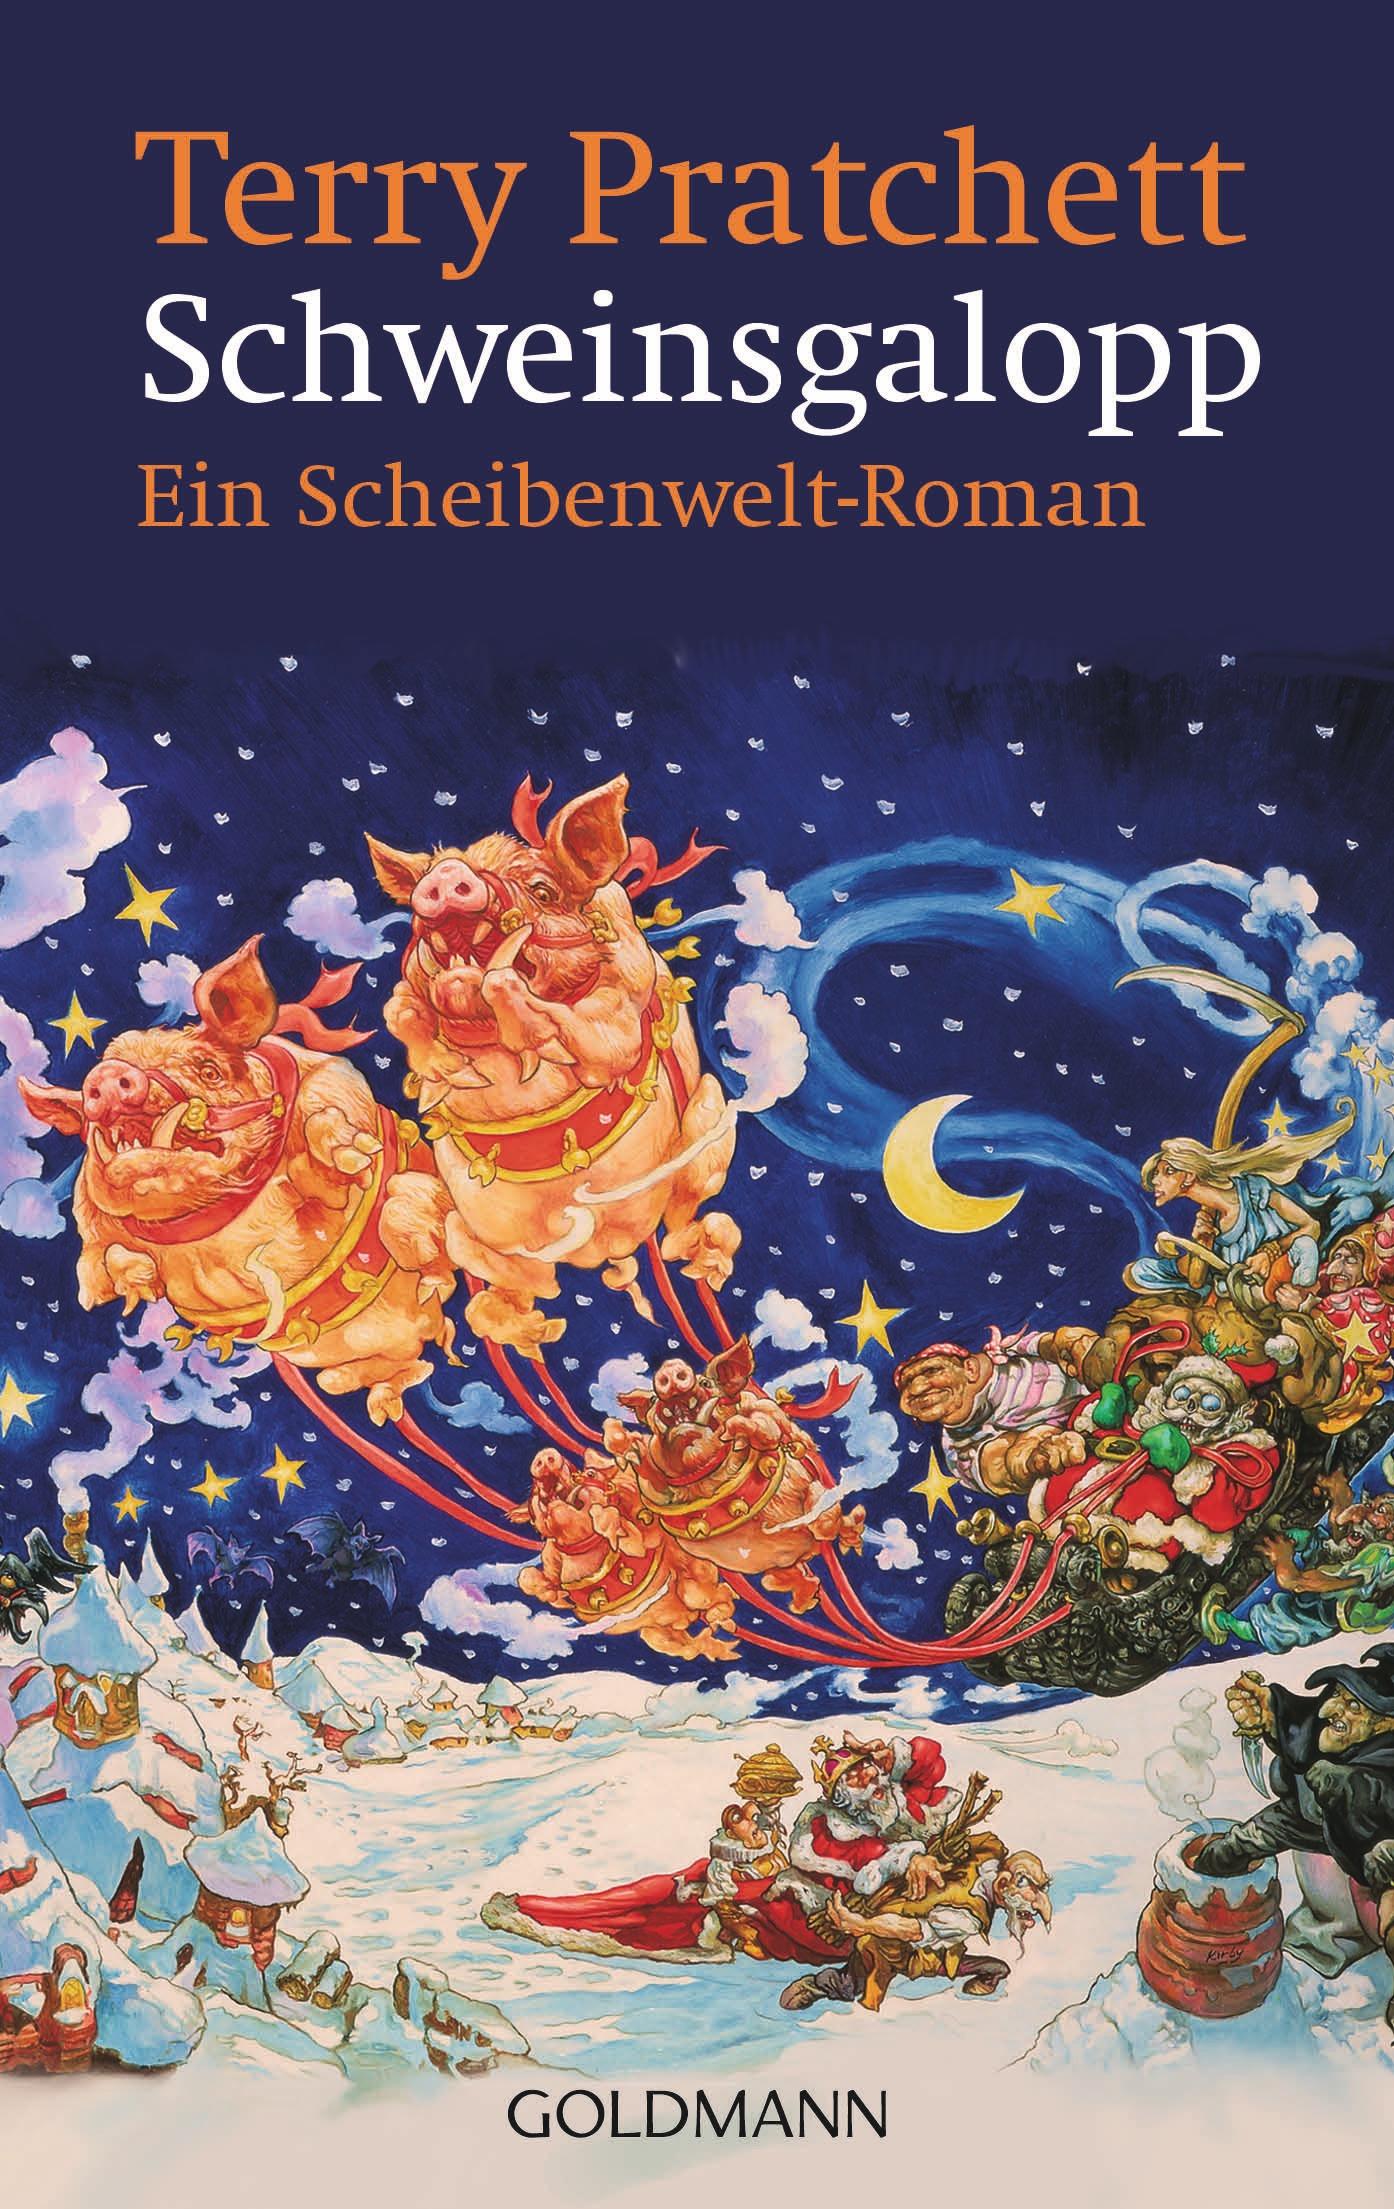 Schweinsgalopp: Ein Scheibenwelt-Roman - Terry Pratchett